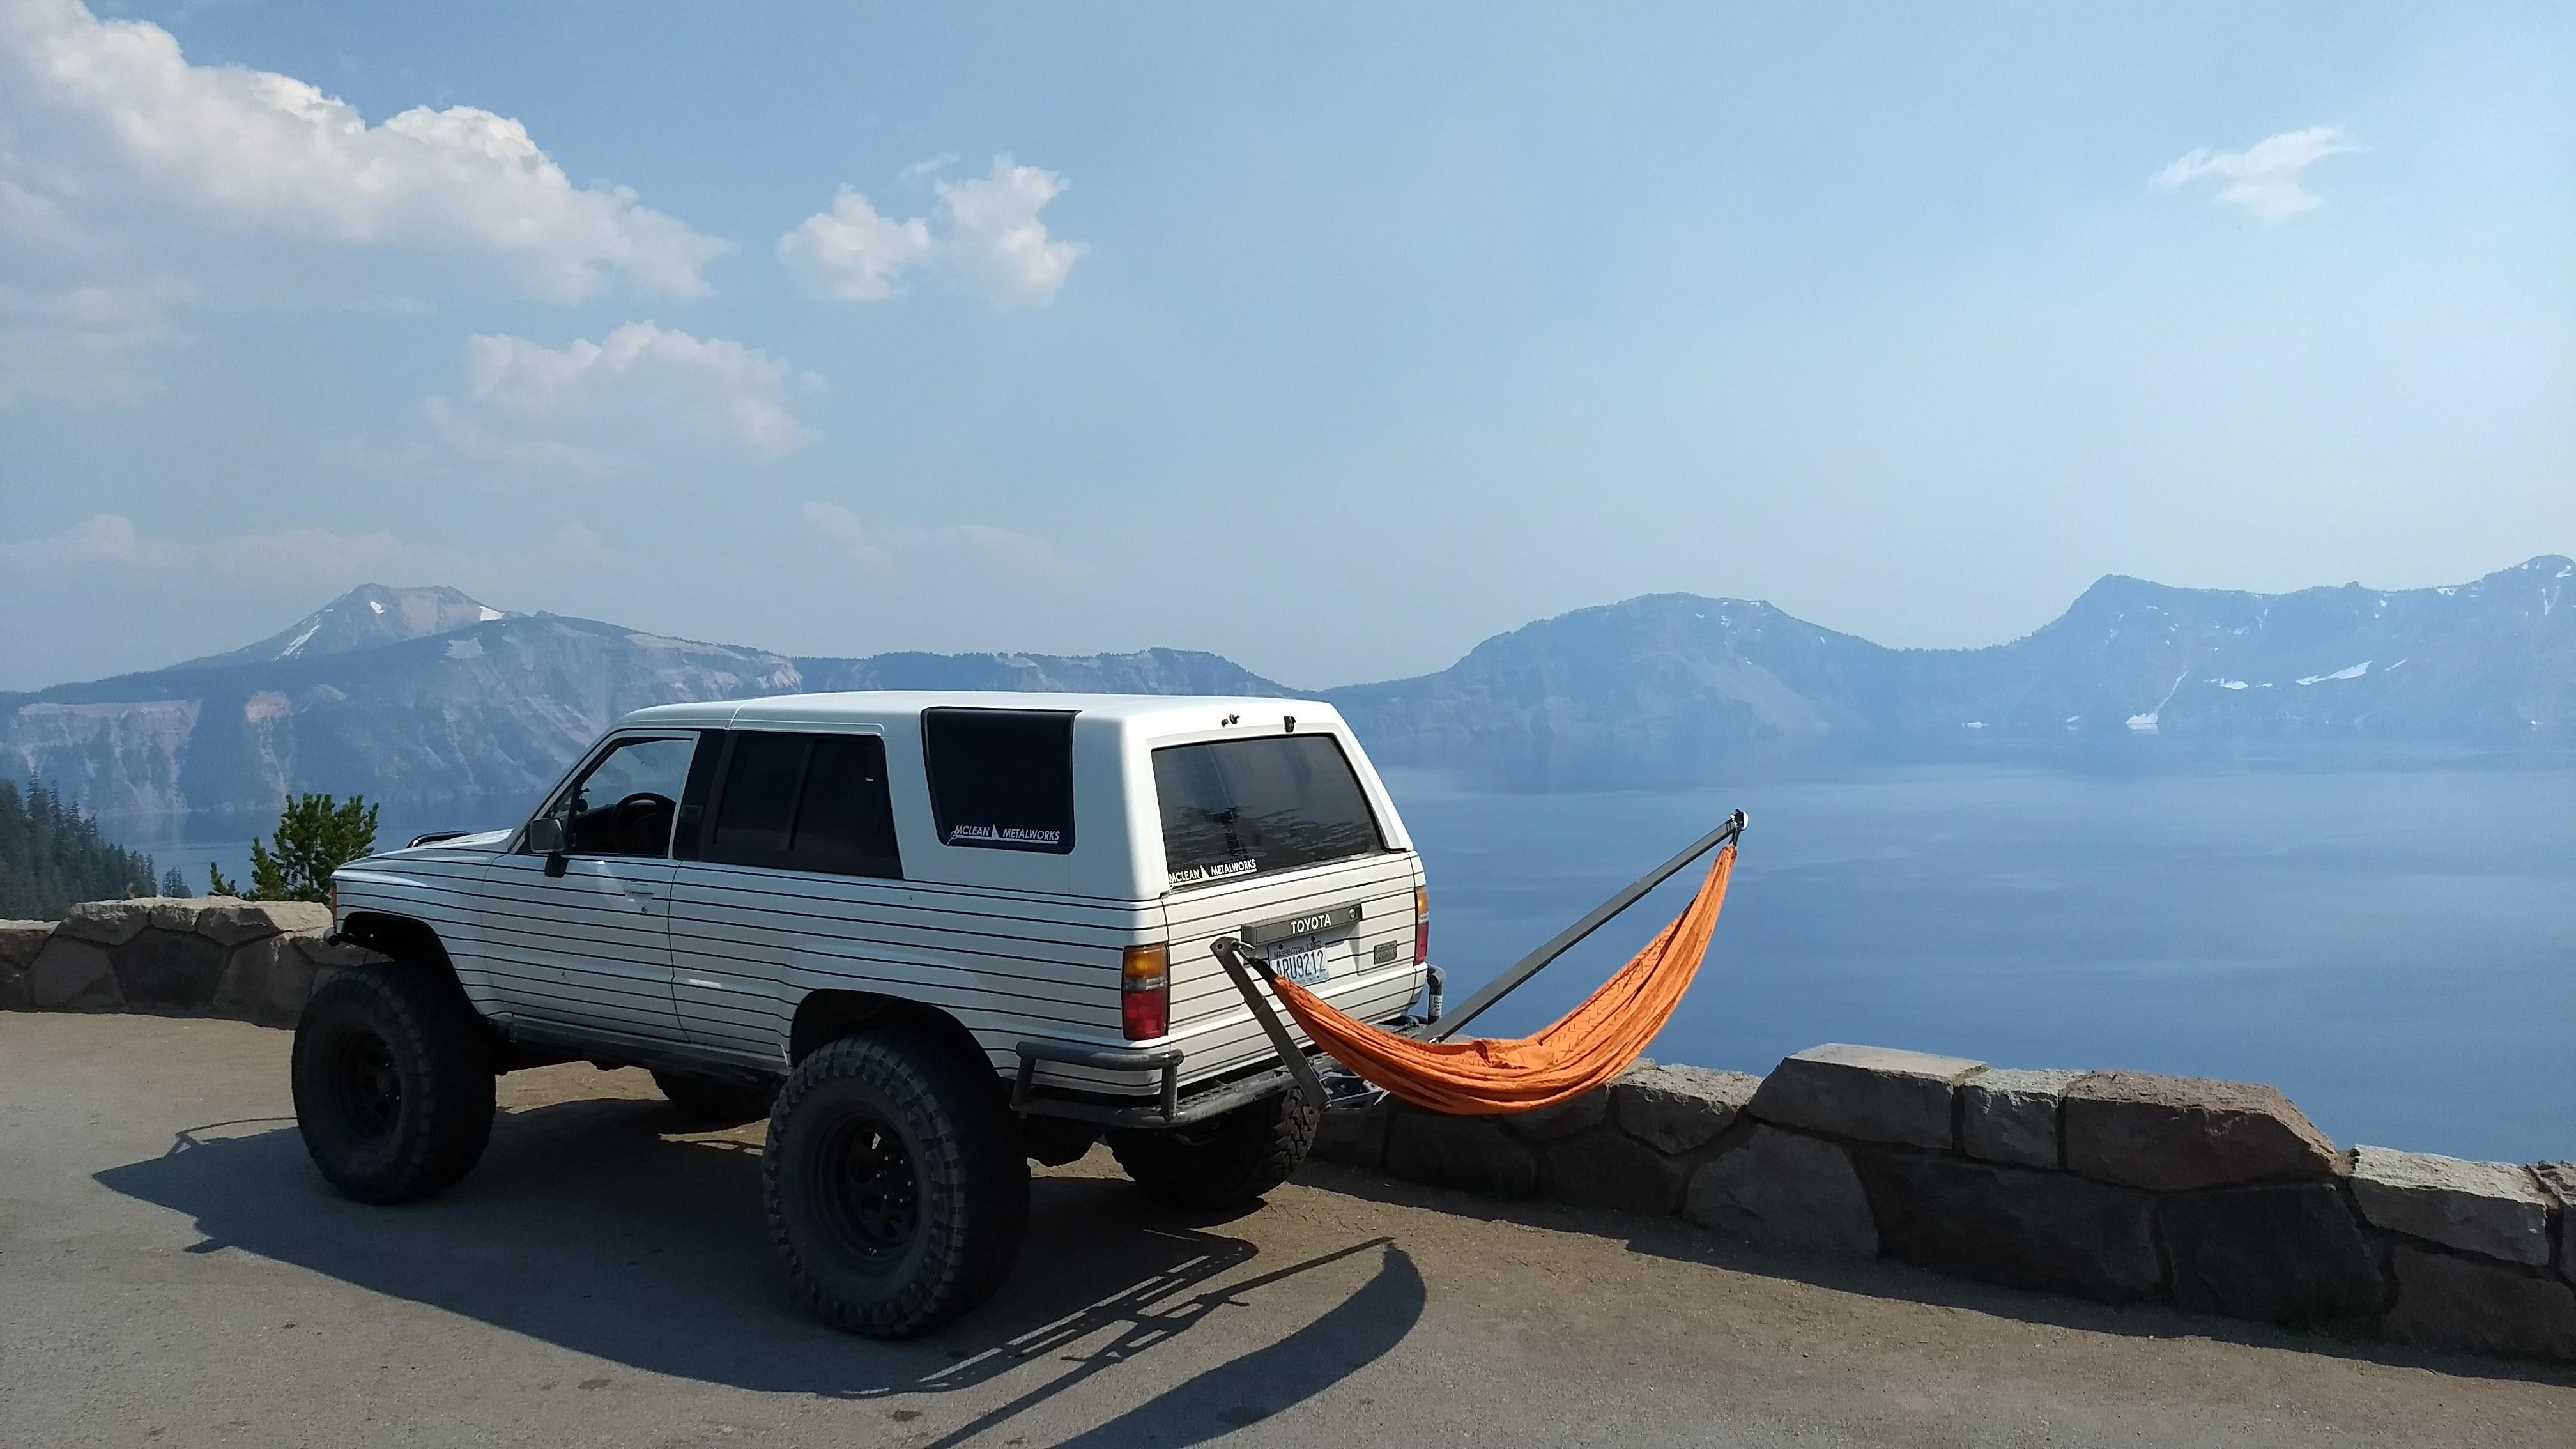 Car Mounts GJ_Deployed_Crater-Lake